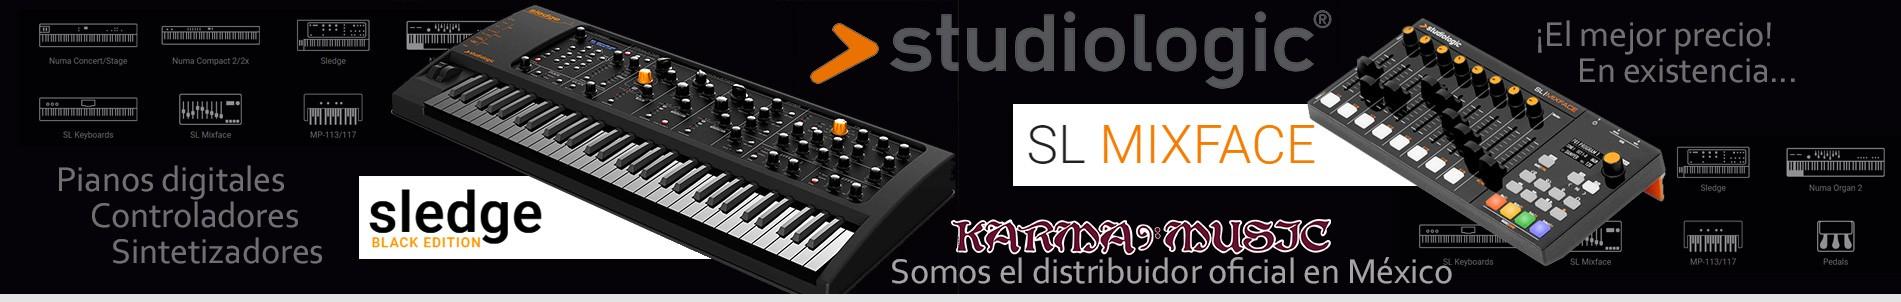 Studiologic en KarmaMusic.mx